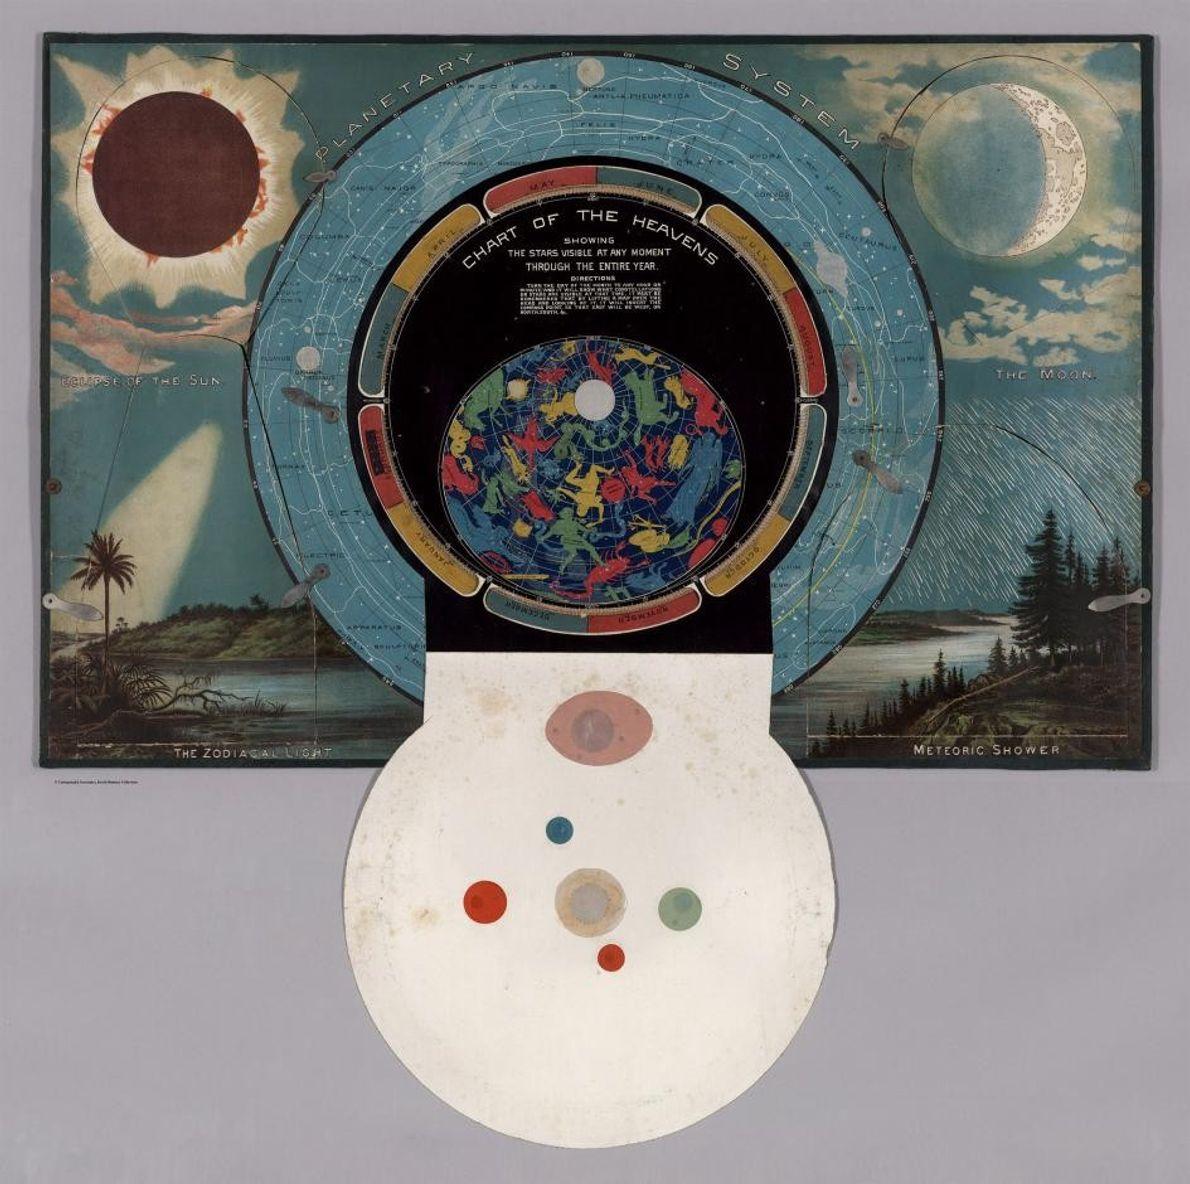 Uma badana circular abre-se para revelar uma carta celeste.